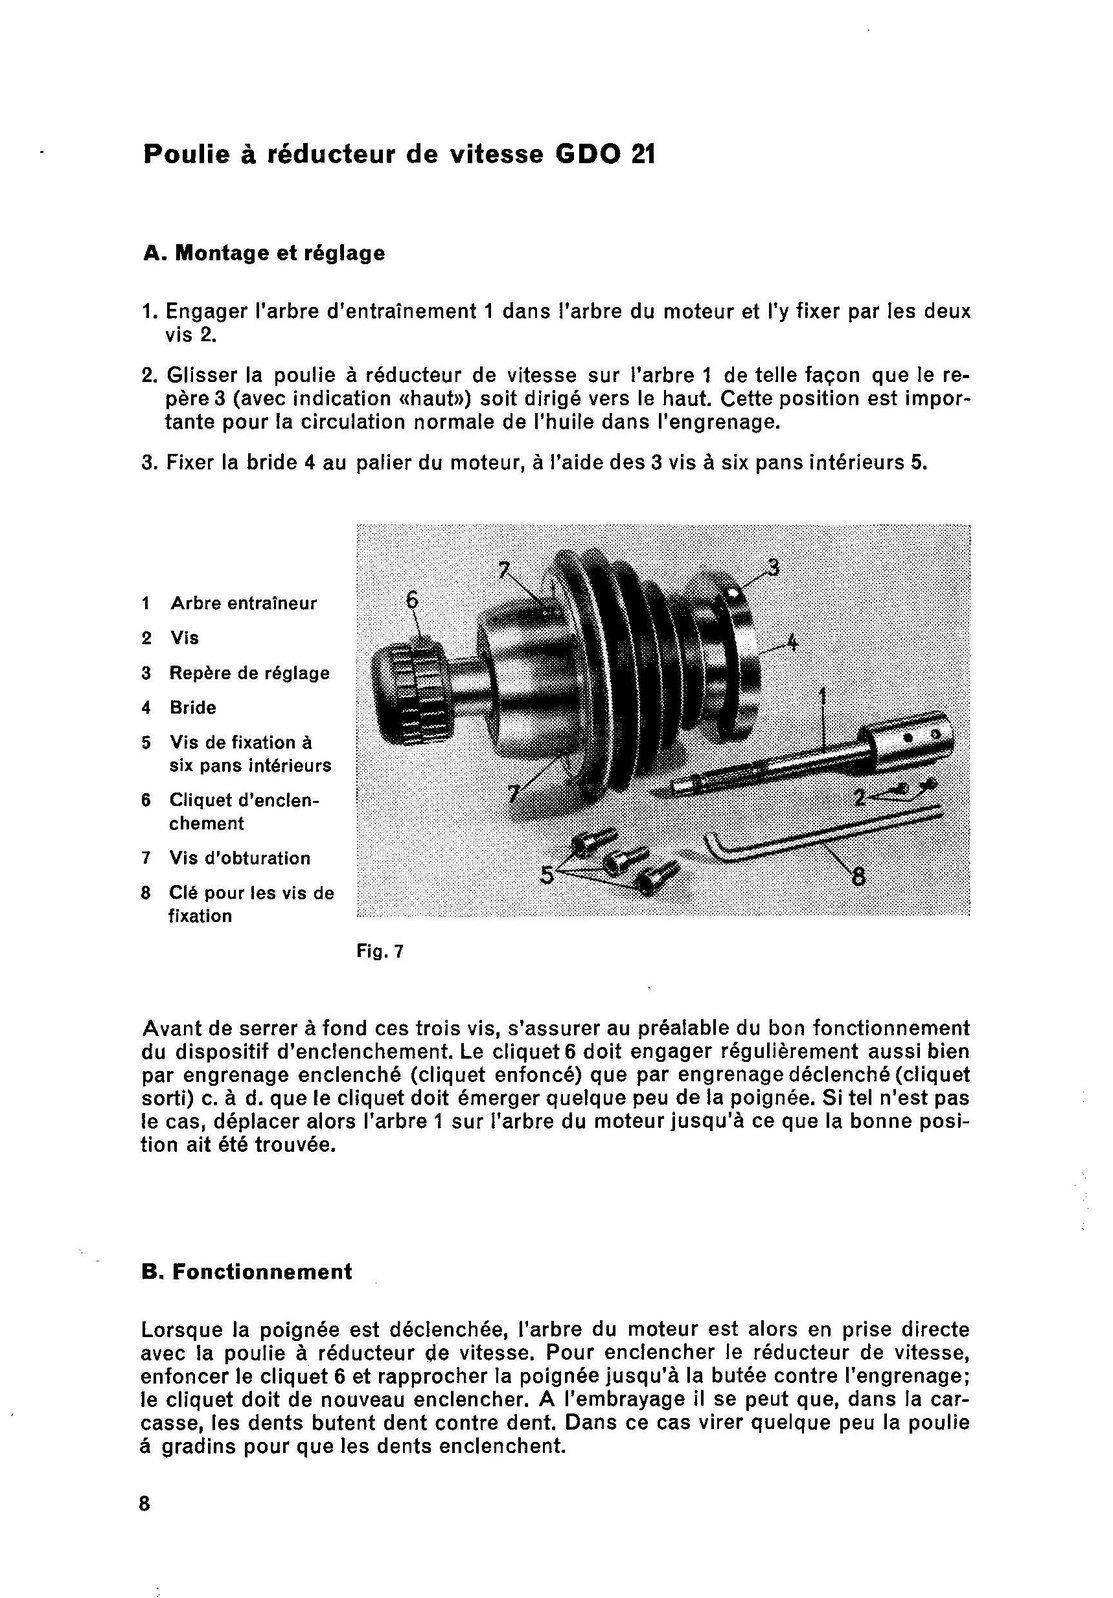 page07 - Copie - Copie.JPG